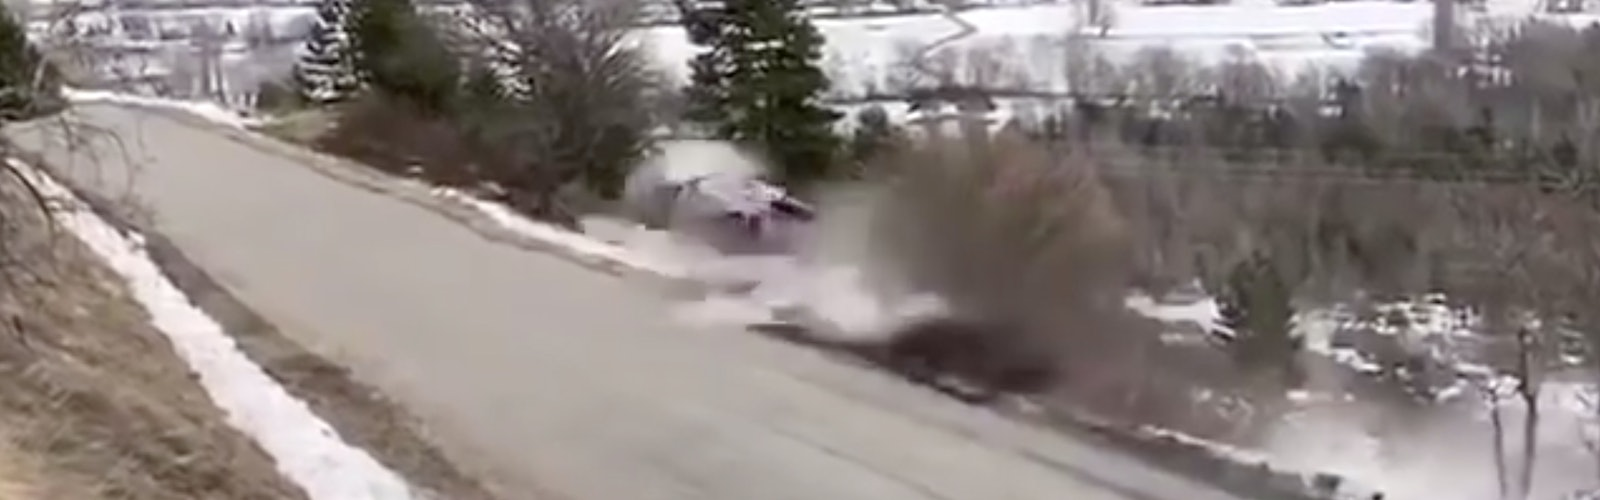 Ott Tanak crash